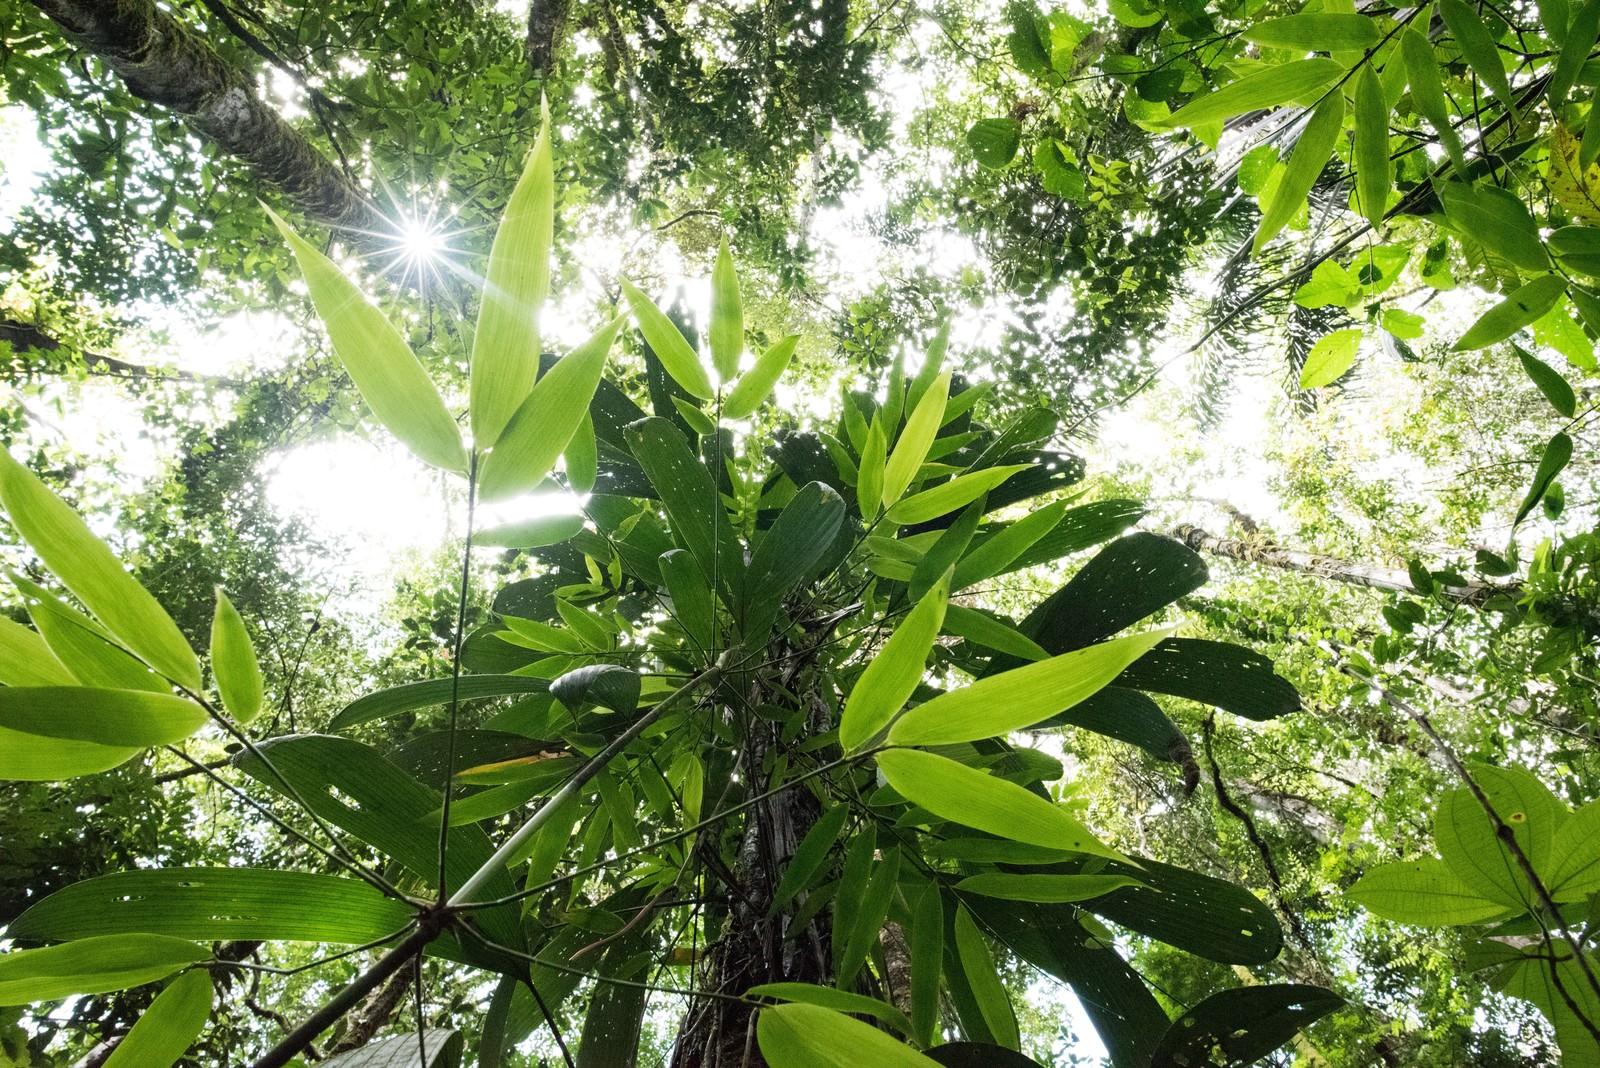 「南米の森南米の森」のフリー写真素材を拡大